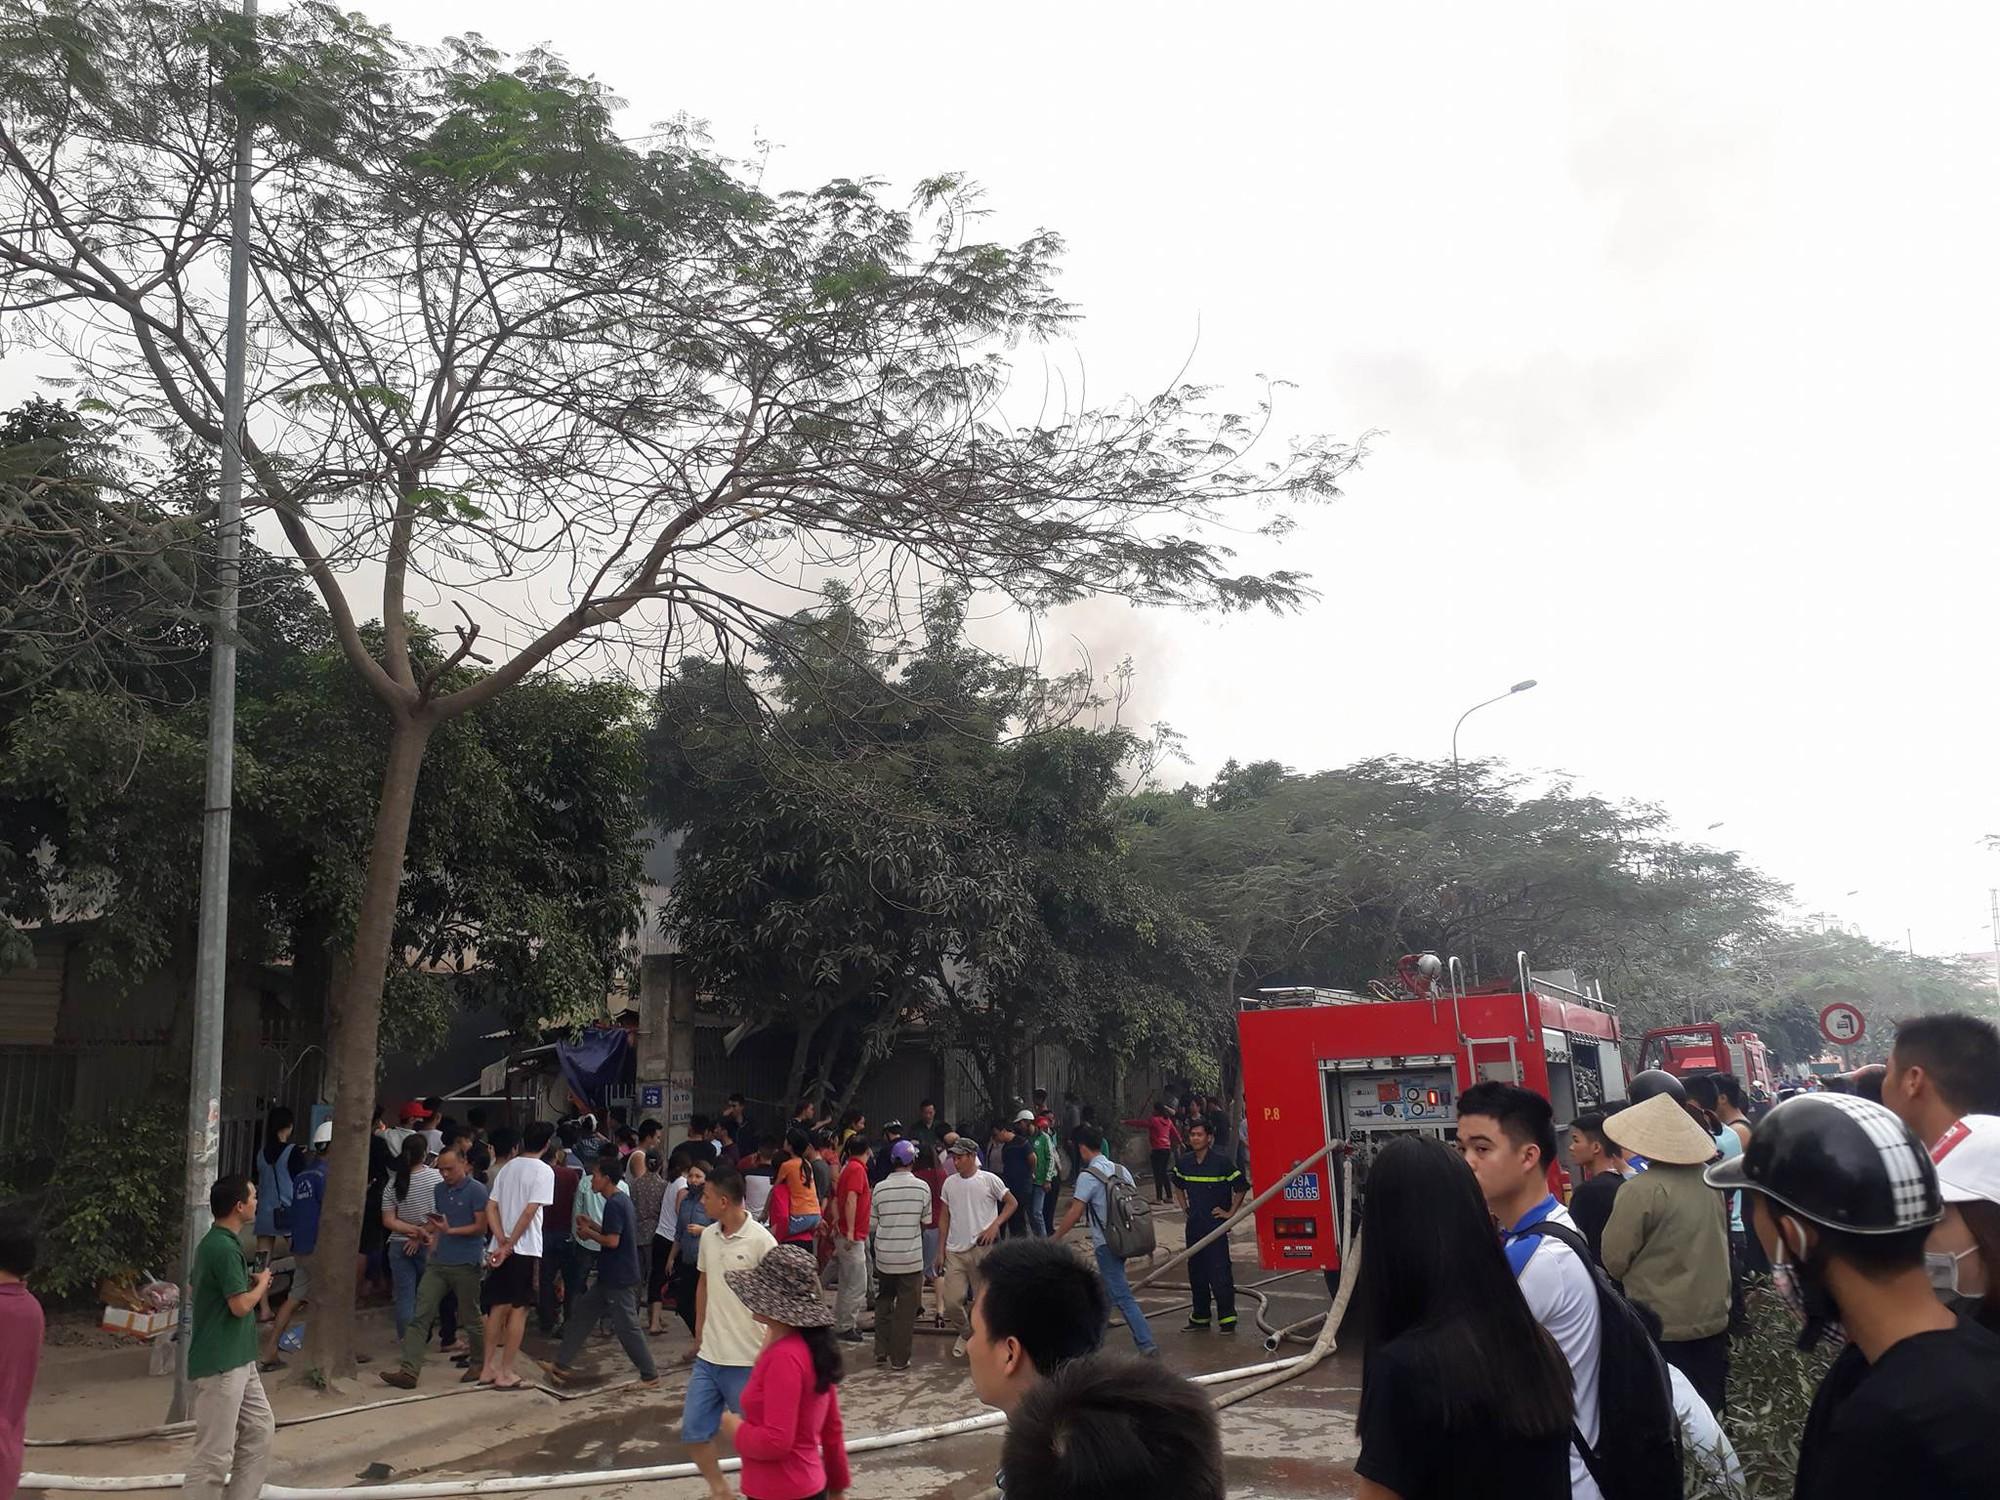 Hà Nội: Đang cháy rất lớn ở chợ Quang, vẫn còn người mắc kẹt liên tục kêu cứu - Ảnh 6.